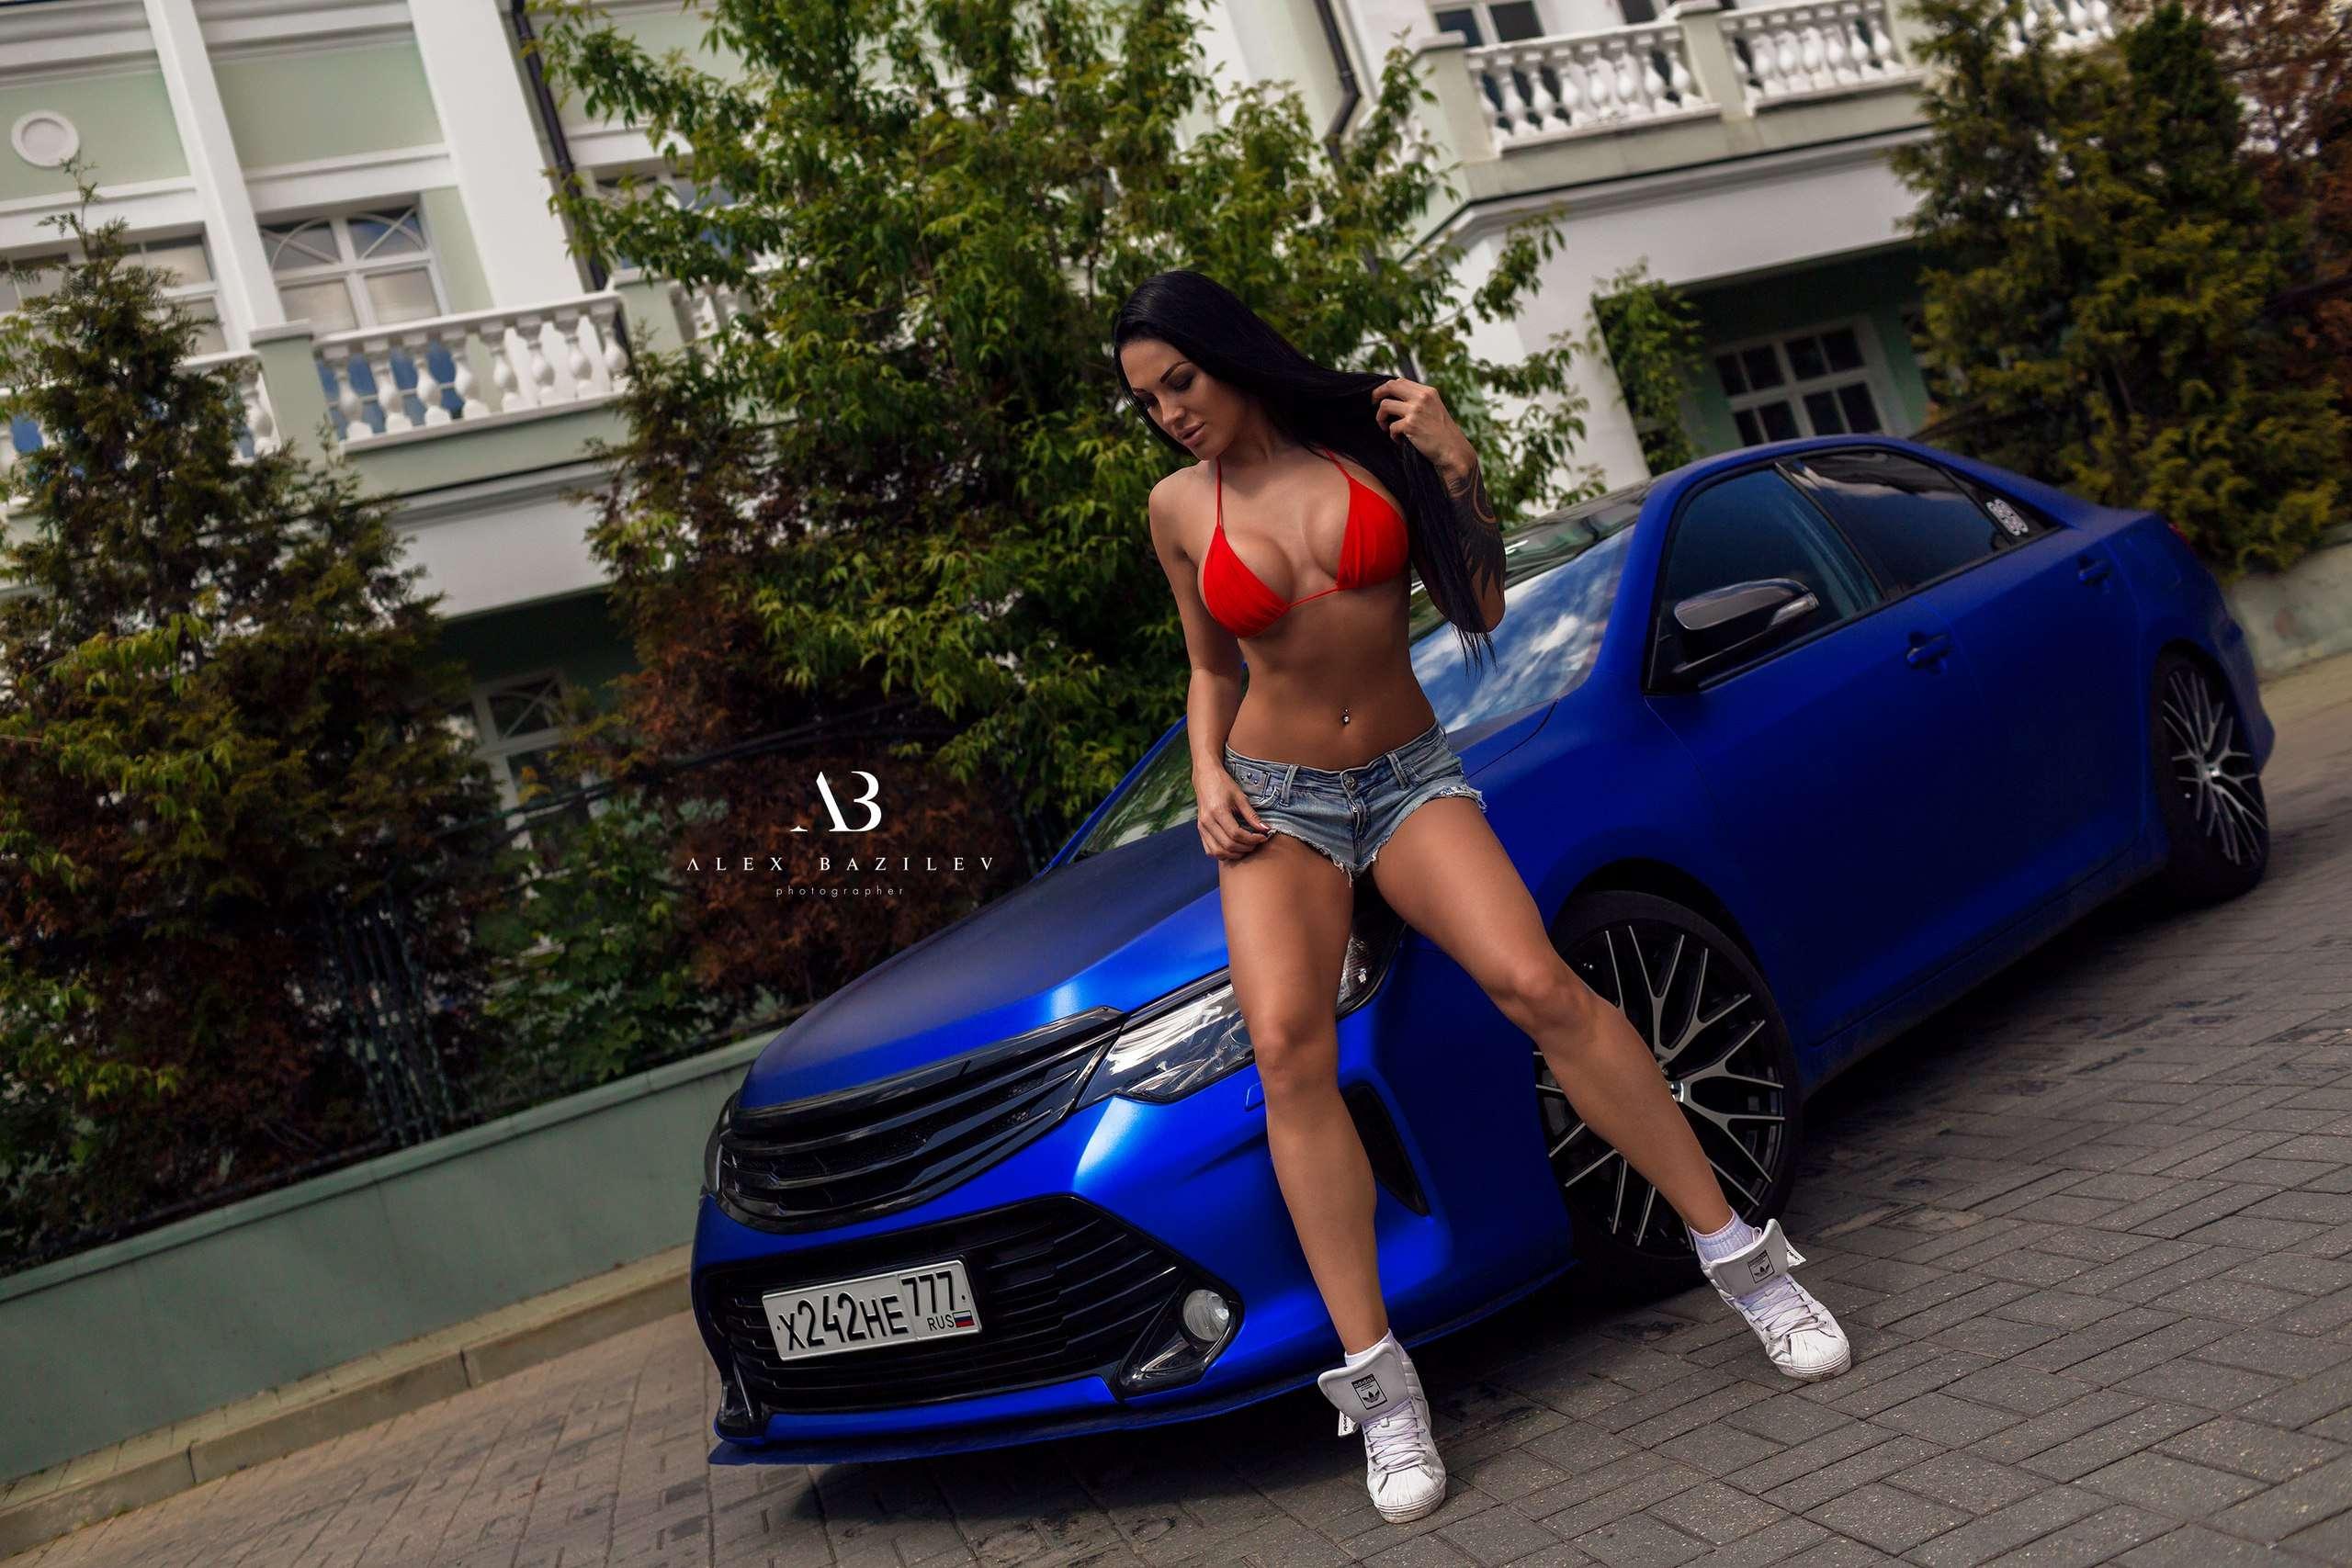 uKIvl DWi34 - Сексуальные девушки и автомобили (часть 10)